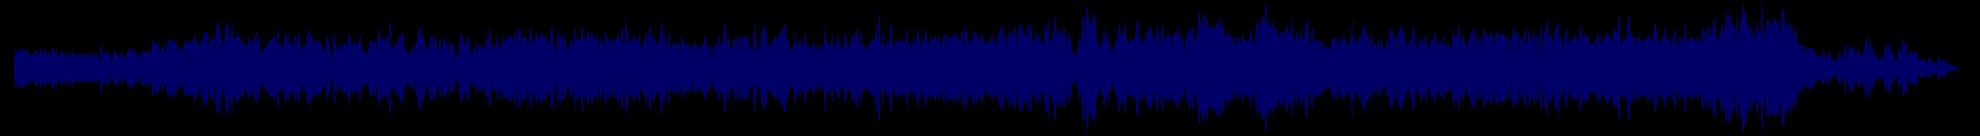 waveform of track #66724